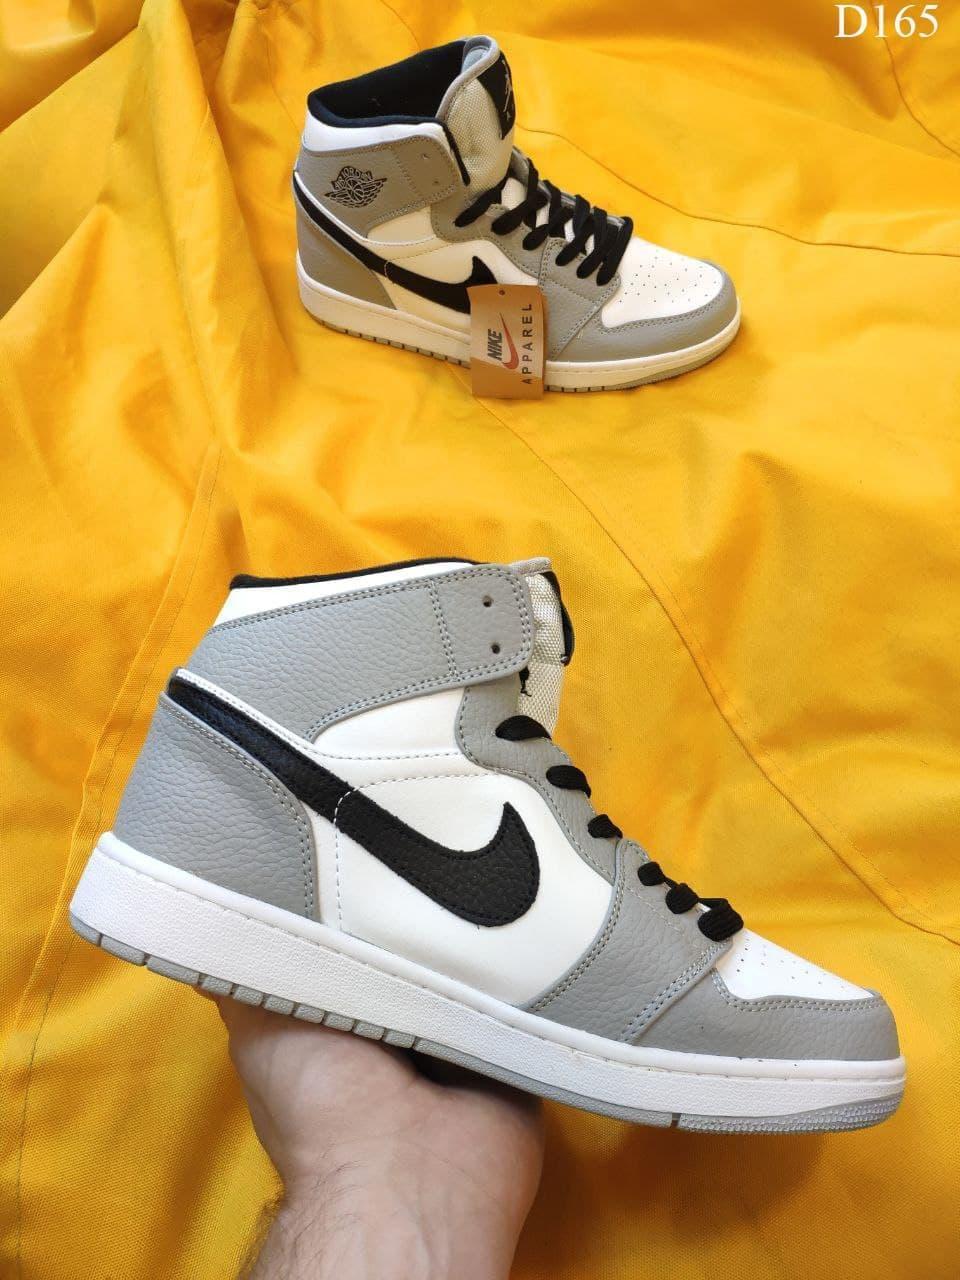 Мужские кроссовки Nike Air Jordan 1 Retro (серо-белые) D165 крутые осенние кроссы